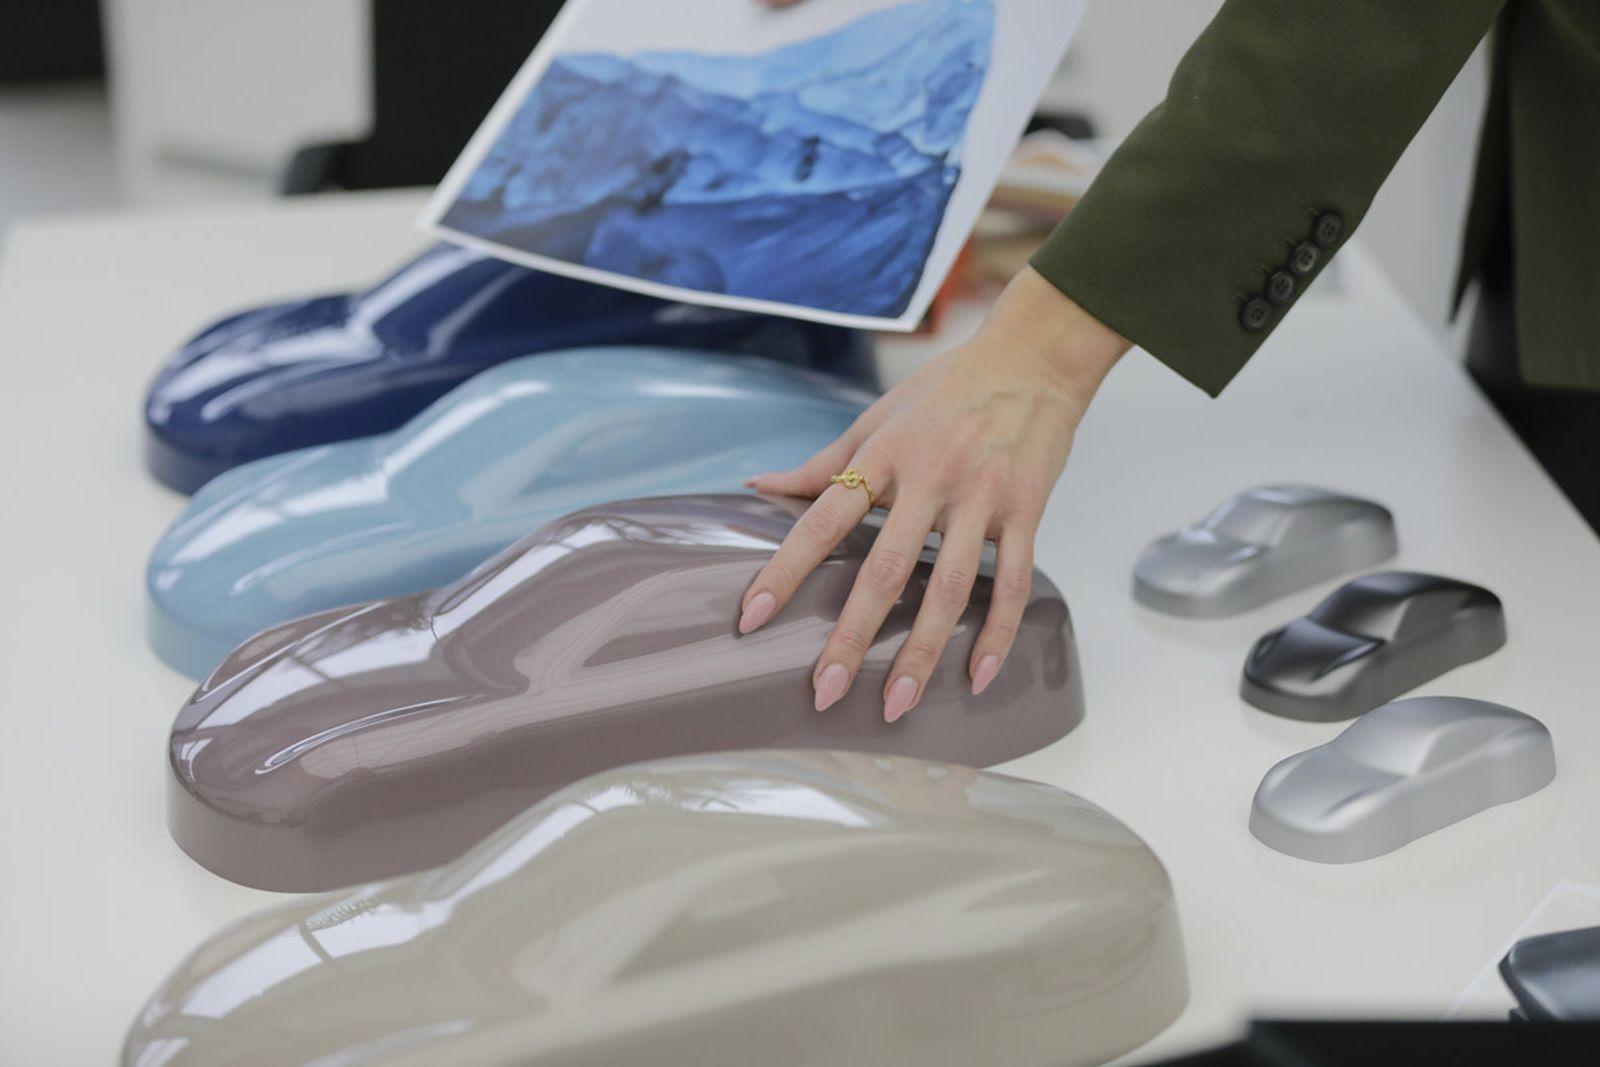 meet-dani-milosevic-porsches-color-trim-style-designer-02